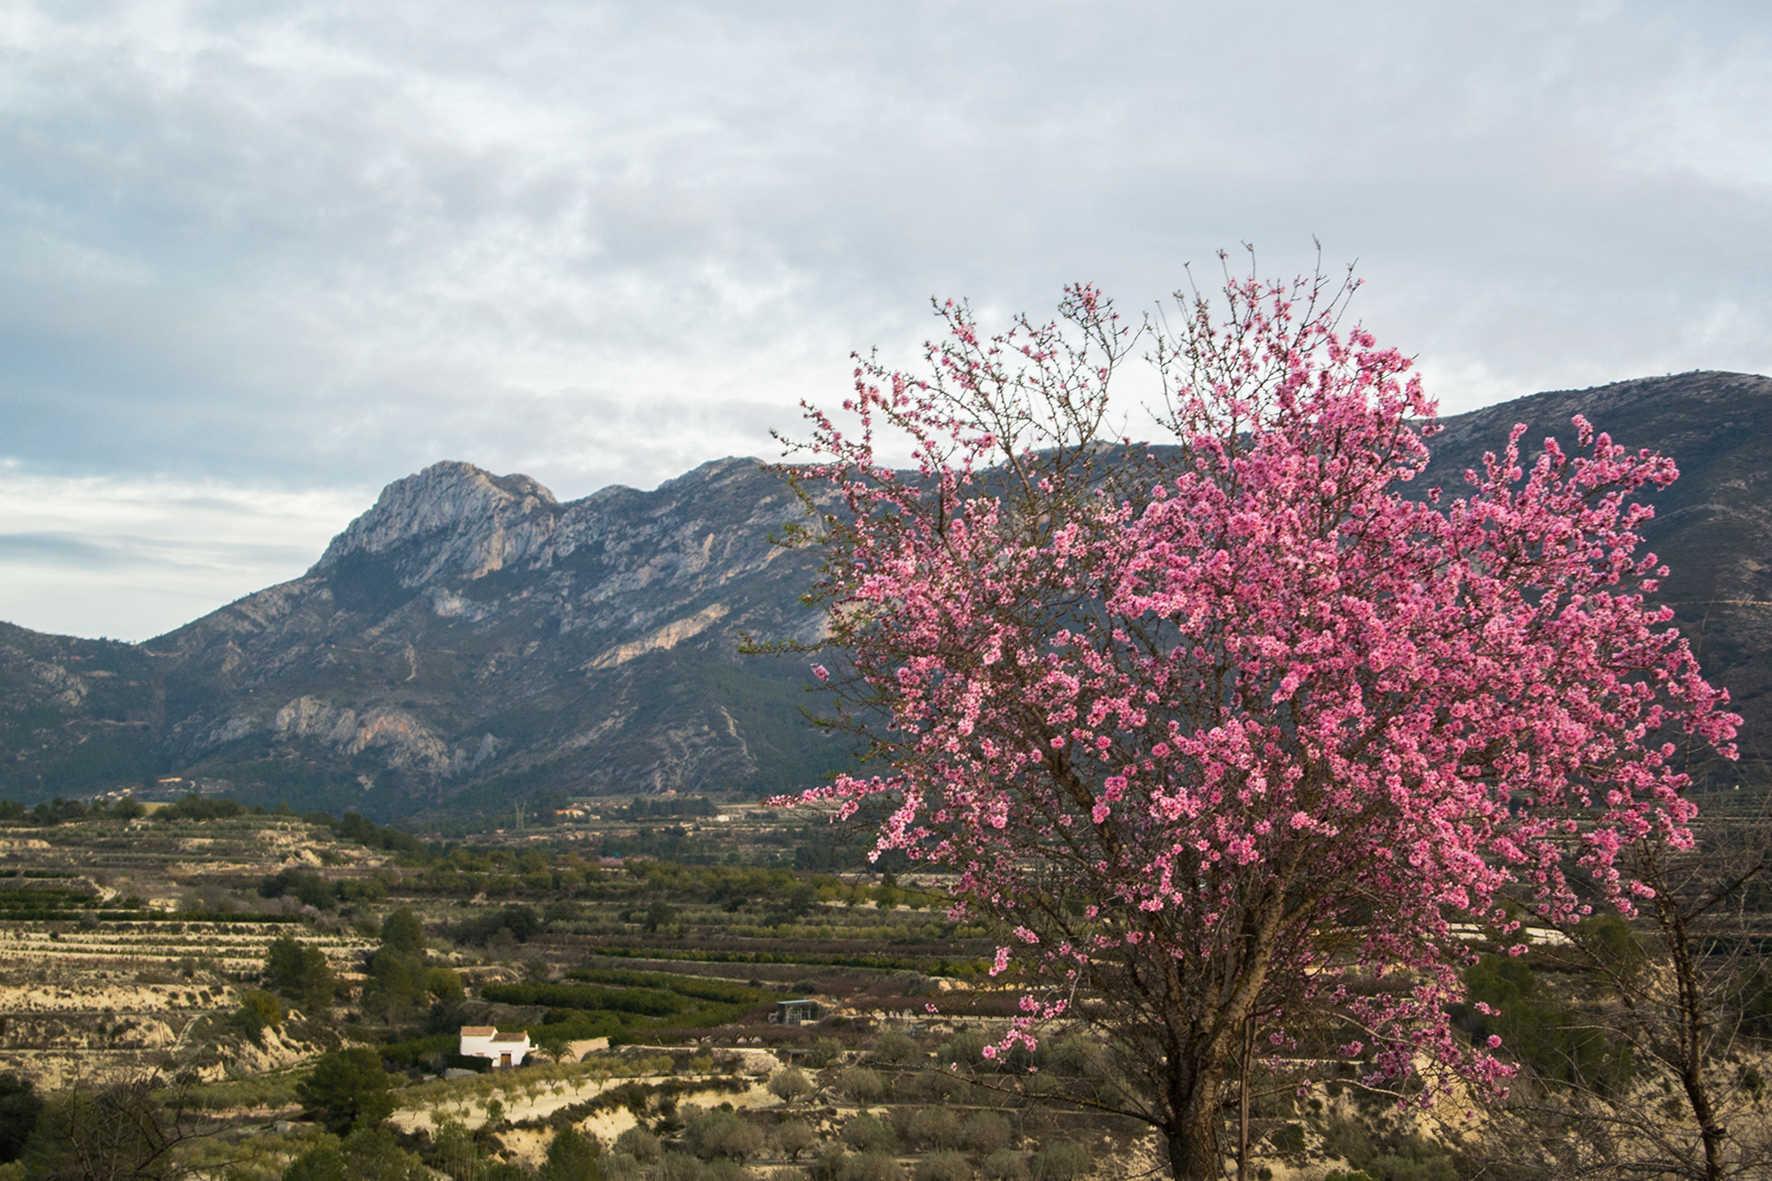 Paysage Protégé La Solana de Benicadell